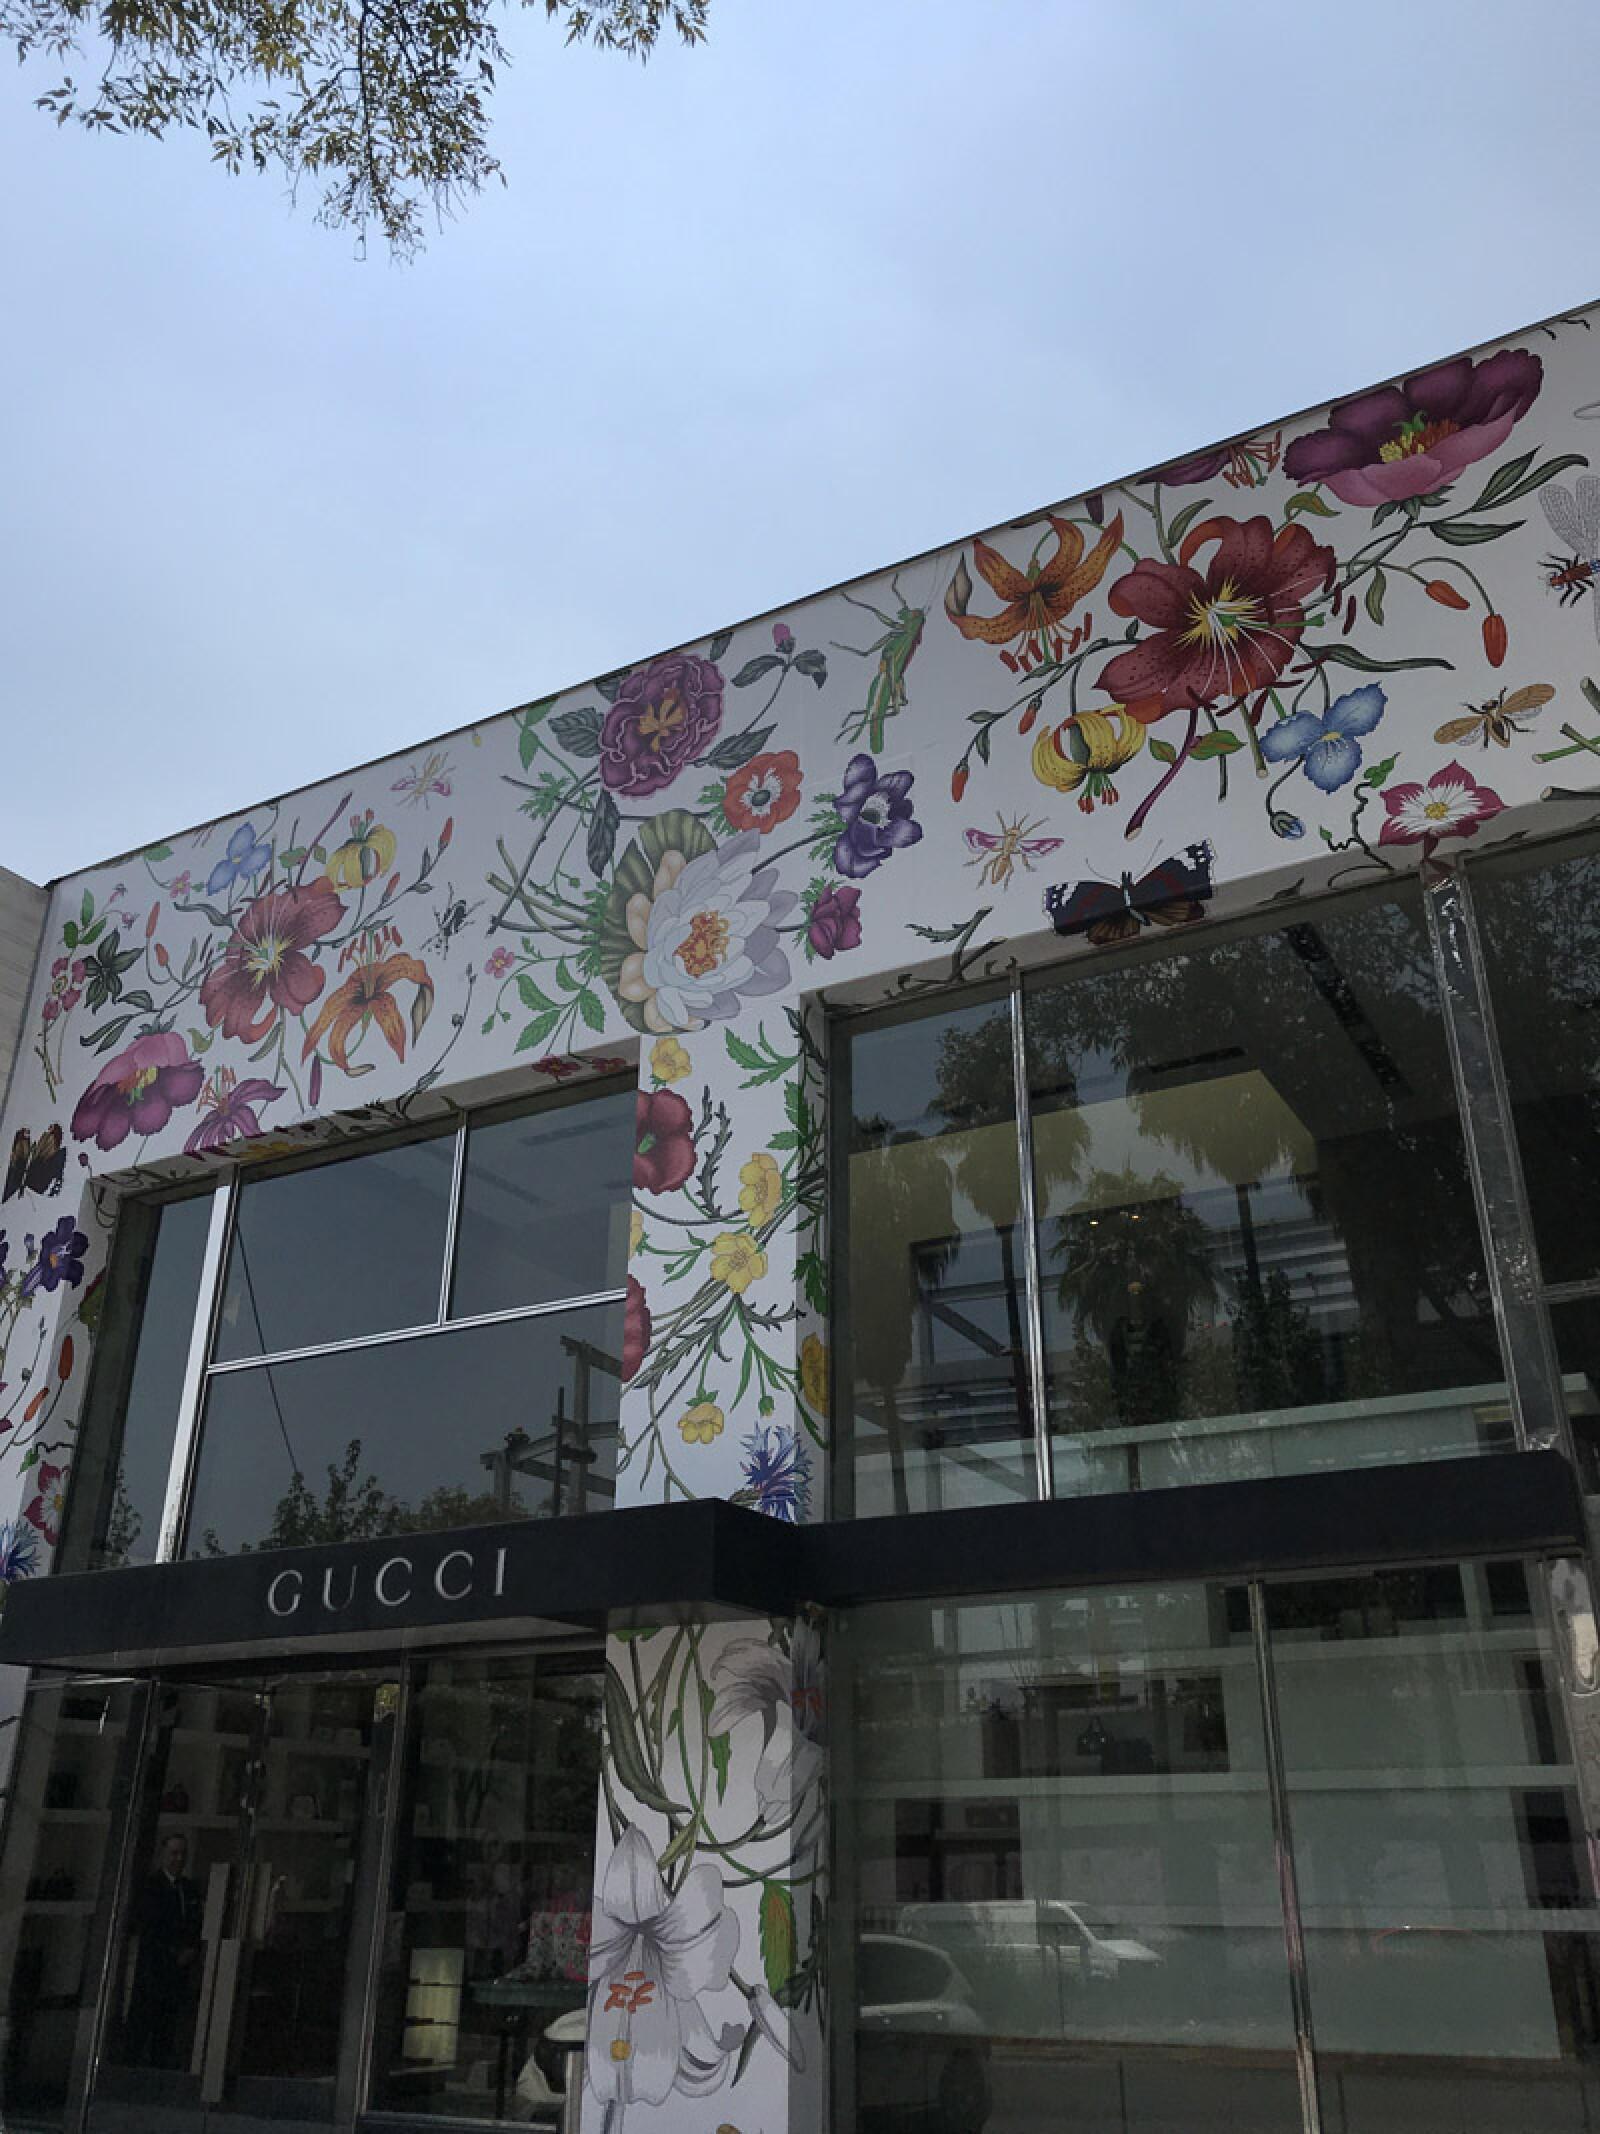 Gucci-Polanco-En-Flores